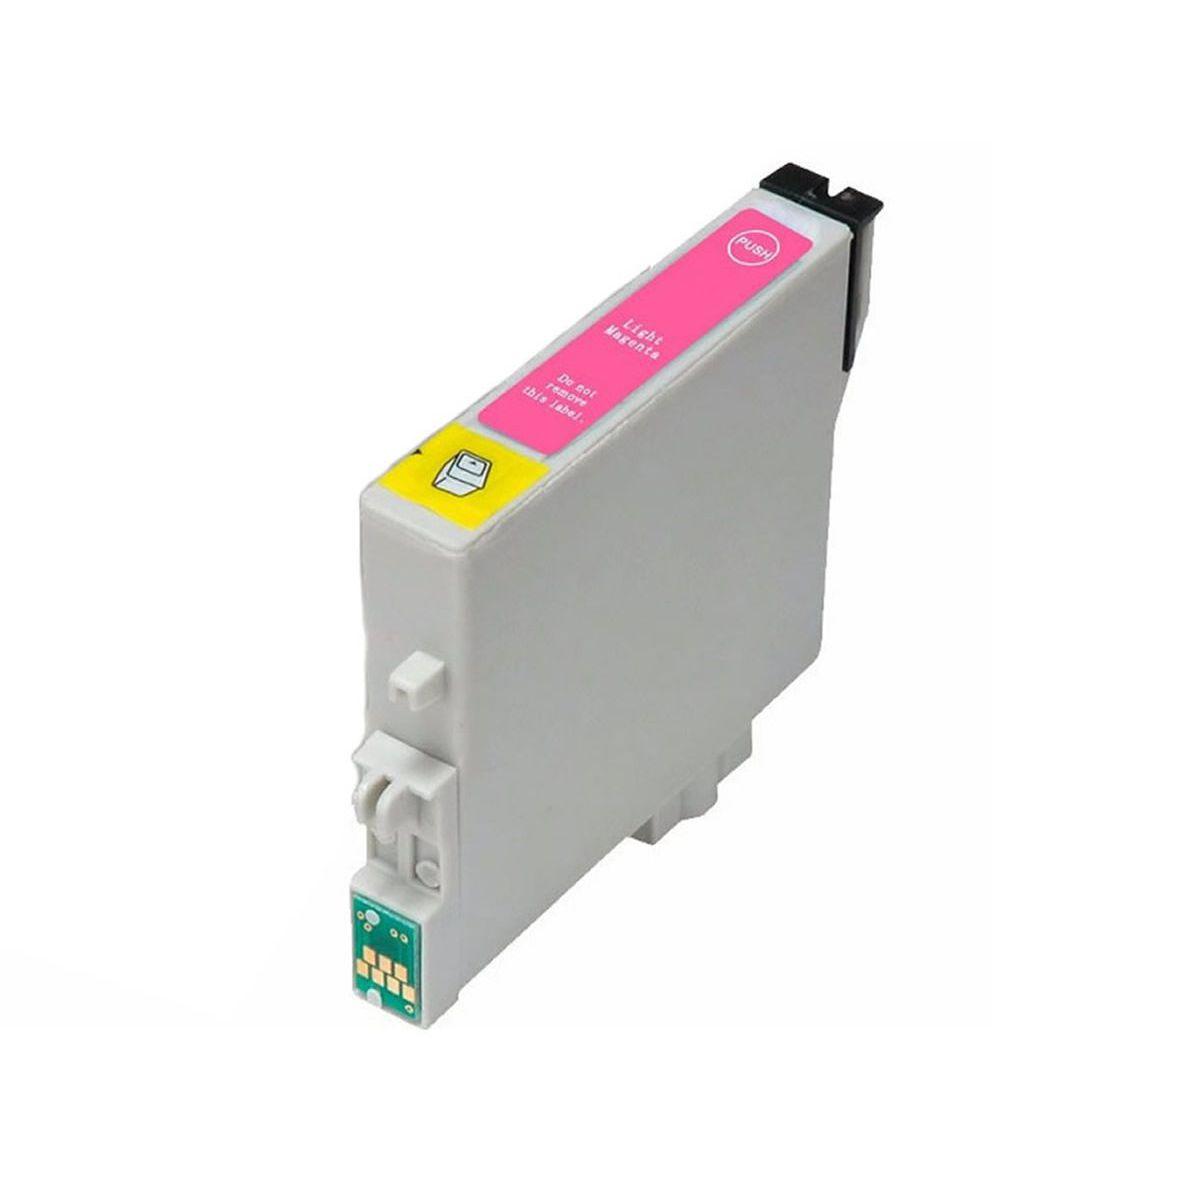 Cartucho de Tinta Compatível Epson 82 (To826) Magenta Claro 12ml